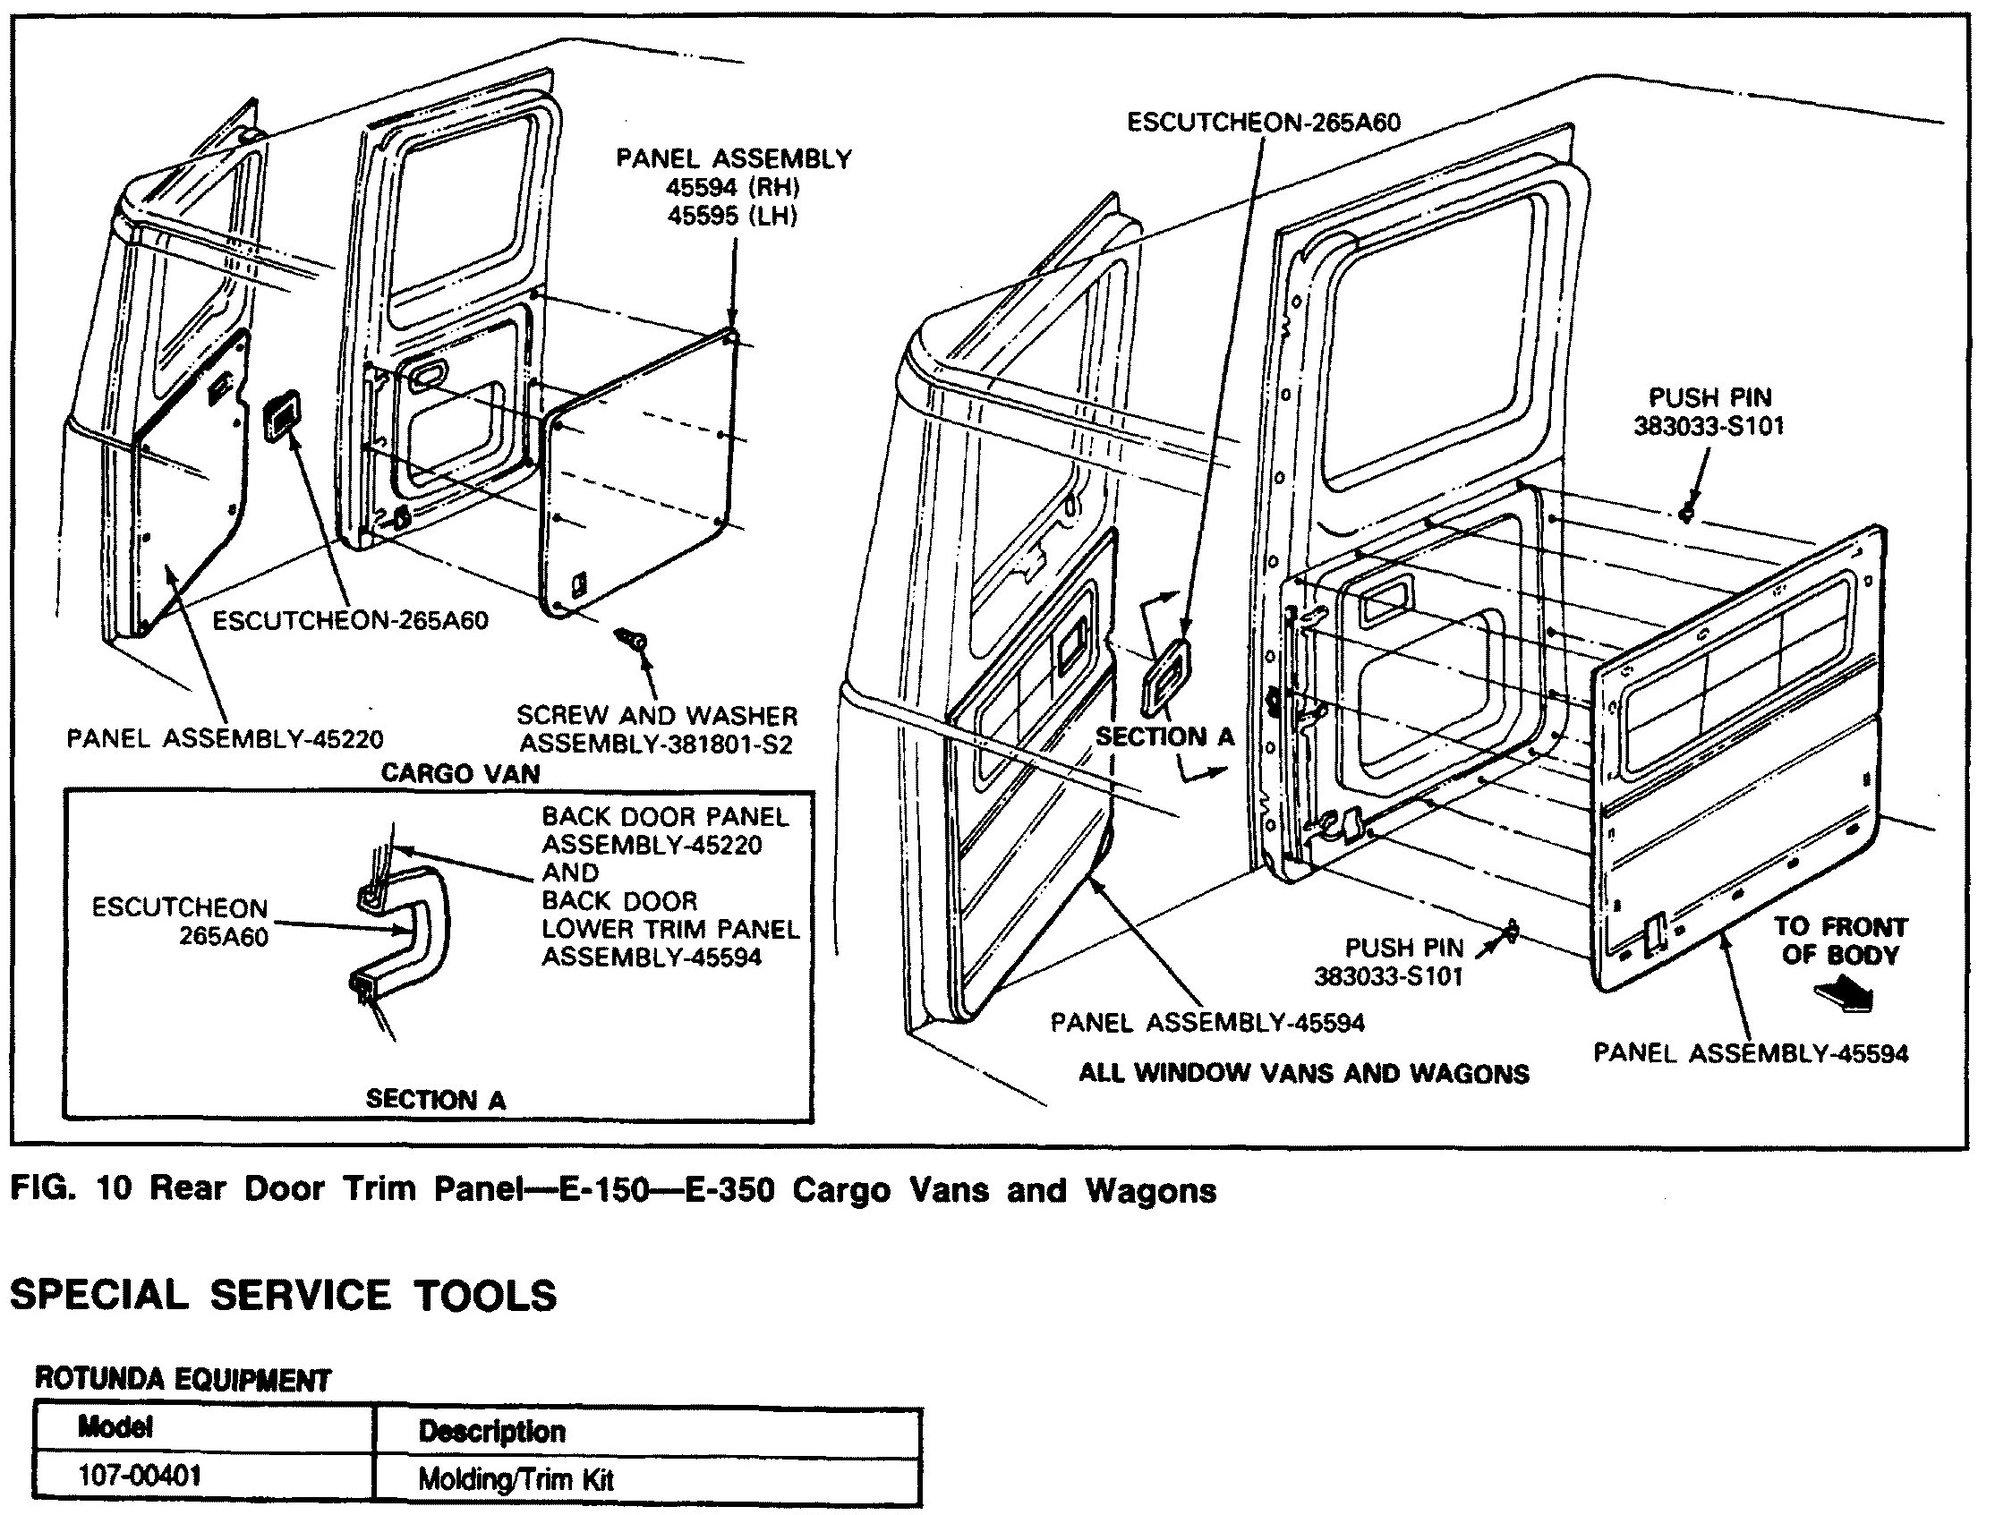 How to remove passenger door panel from 1988 e150 van